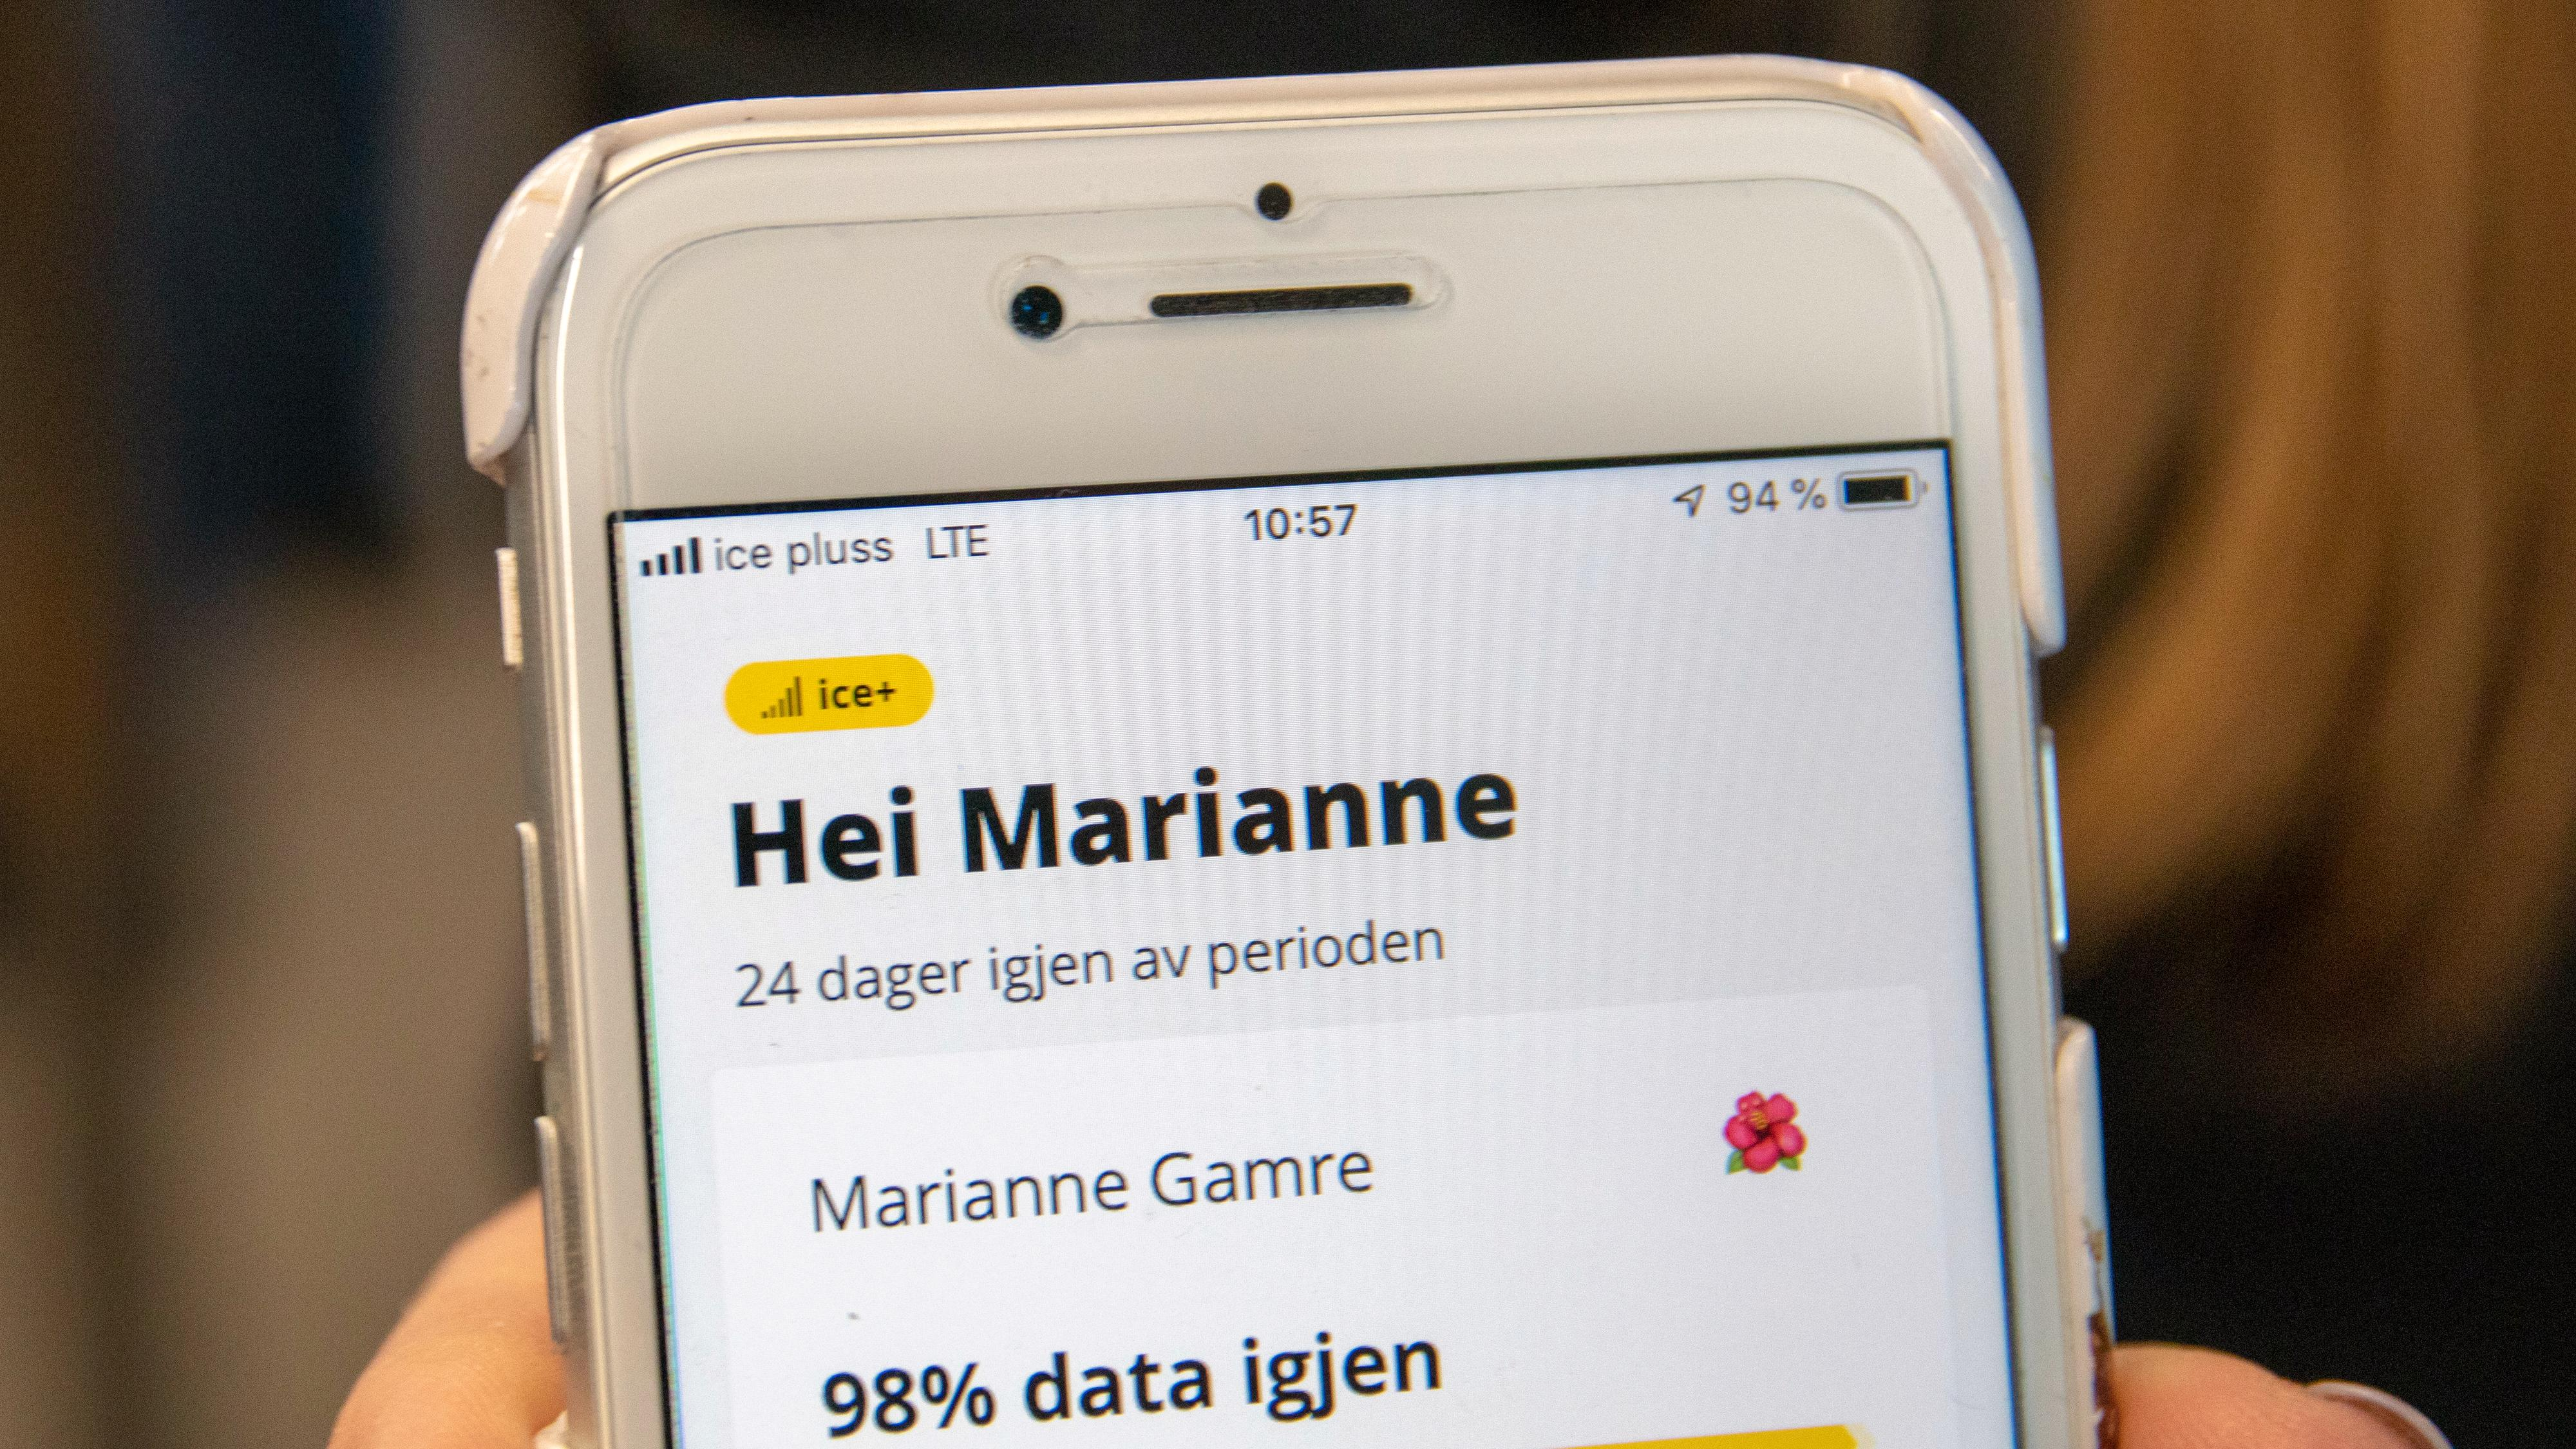 Slik ser det ut i appen når du er koblet mot Ice+-nettet. Legg merke til at telefonen også viser dette øverst i det venstre hjørnet.